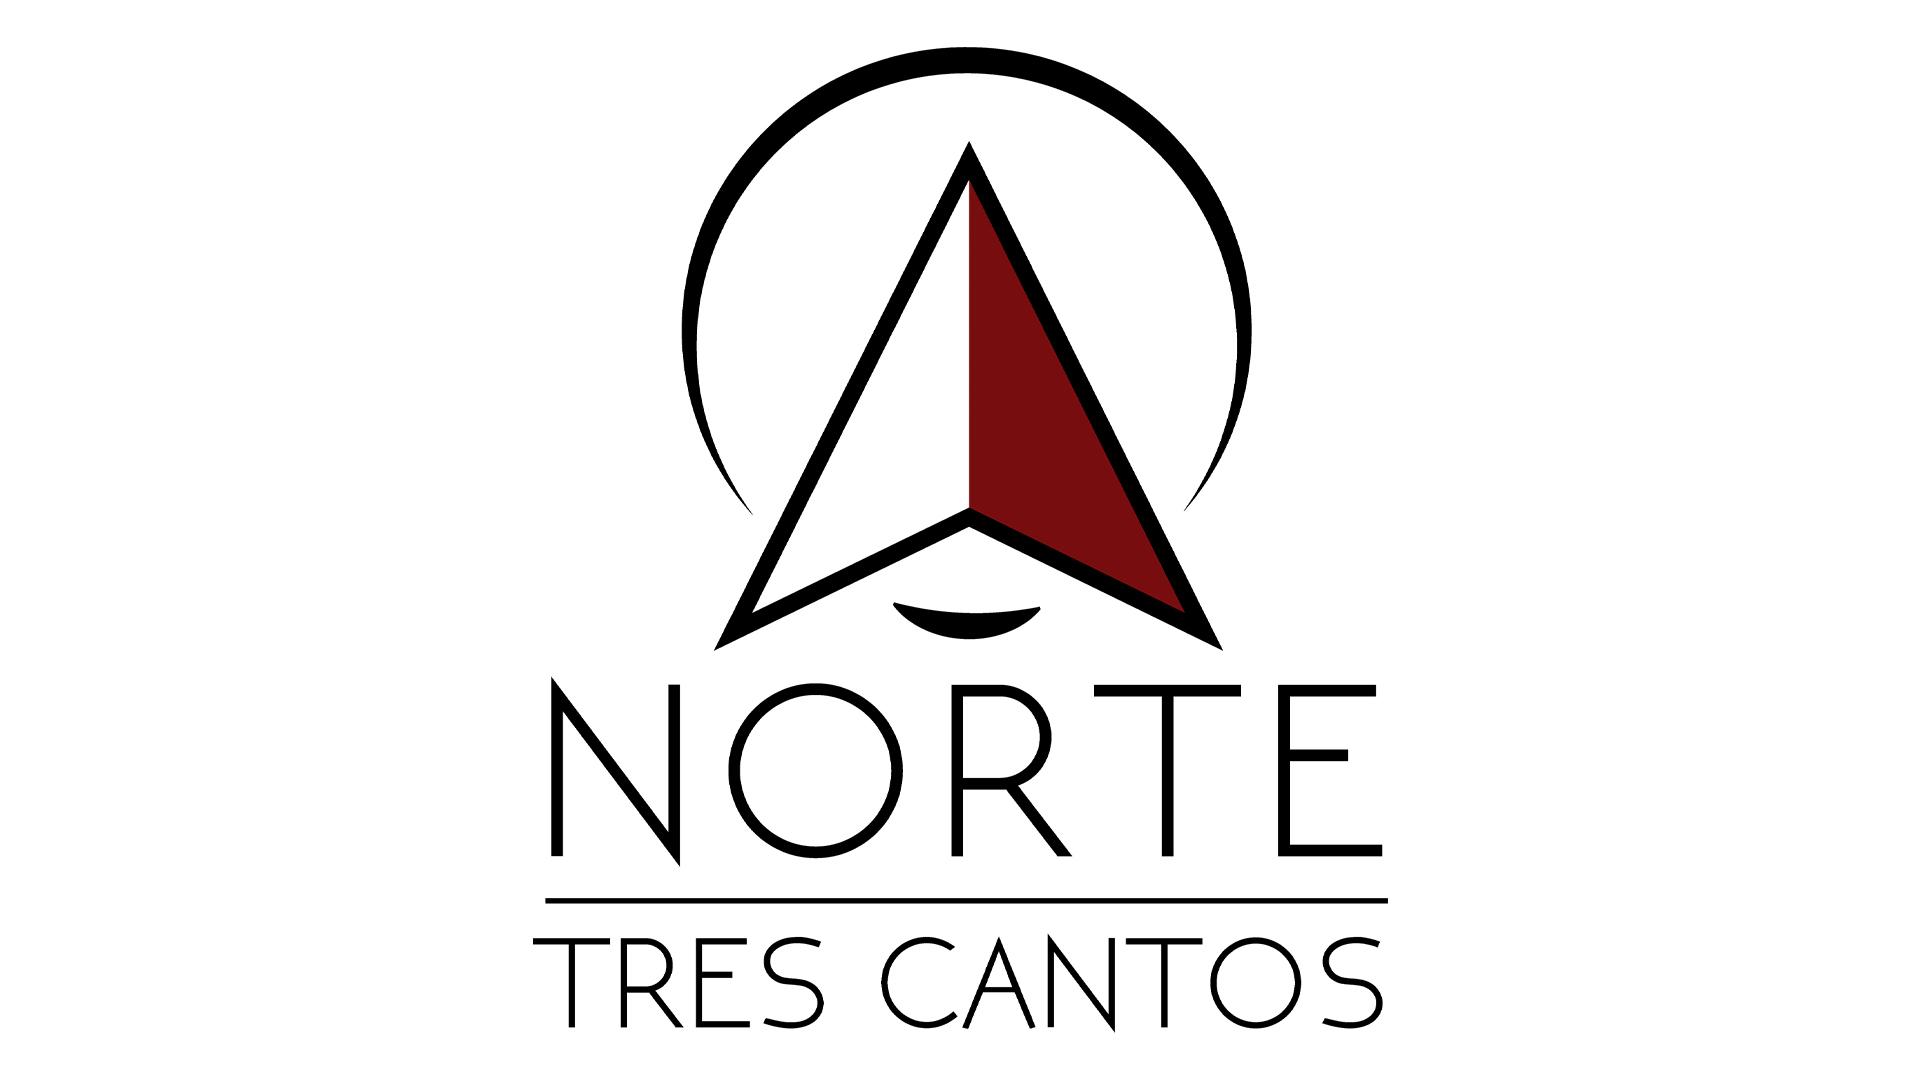 Norte Noticias recibe un premio especial por su labor informativa